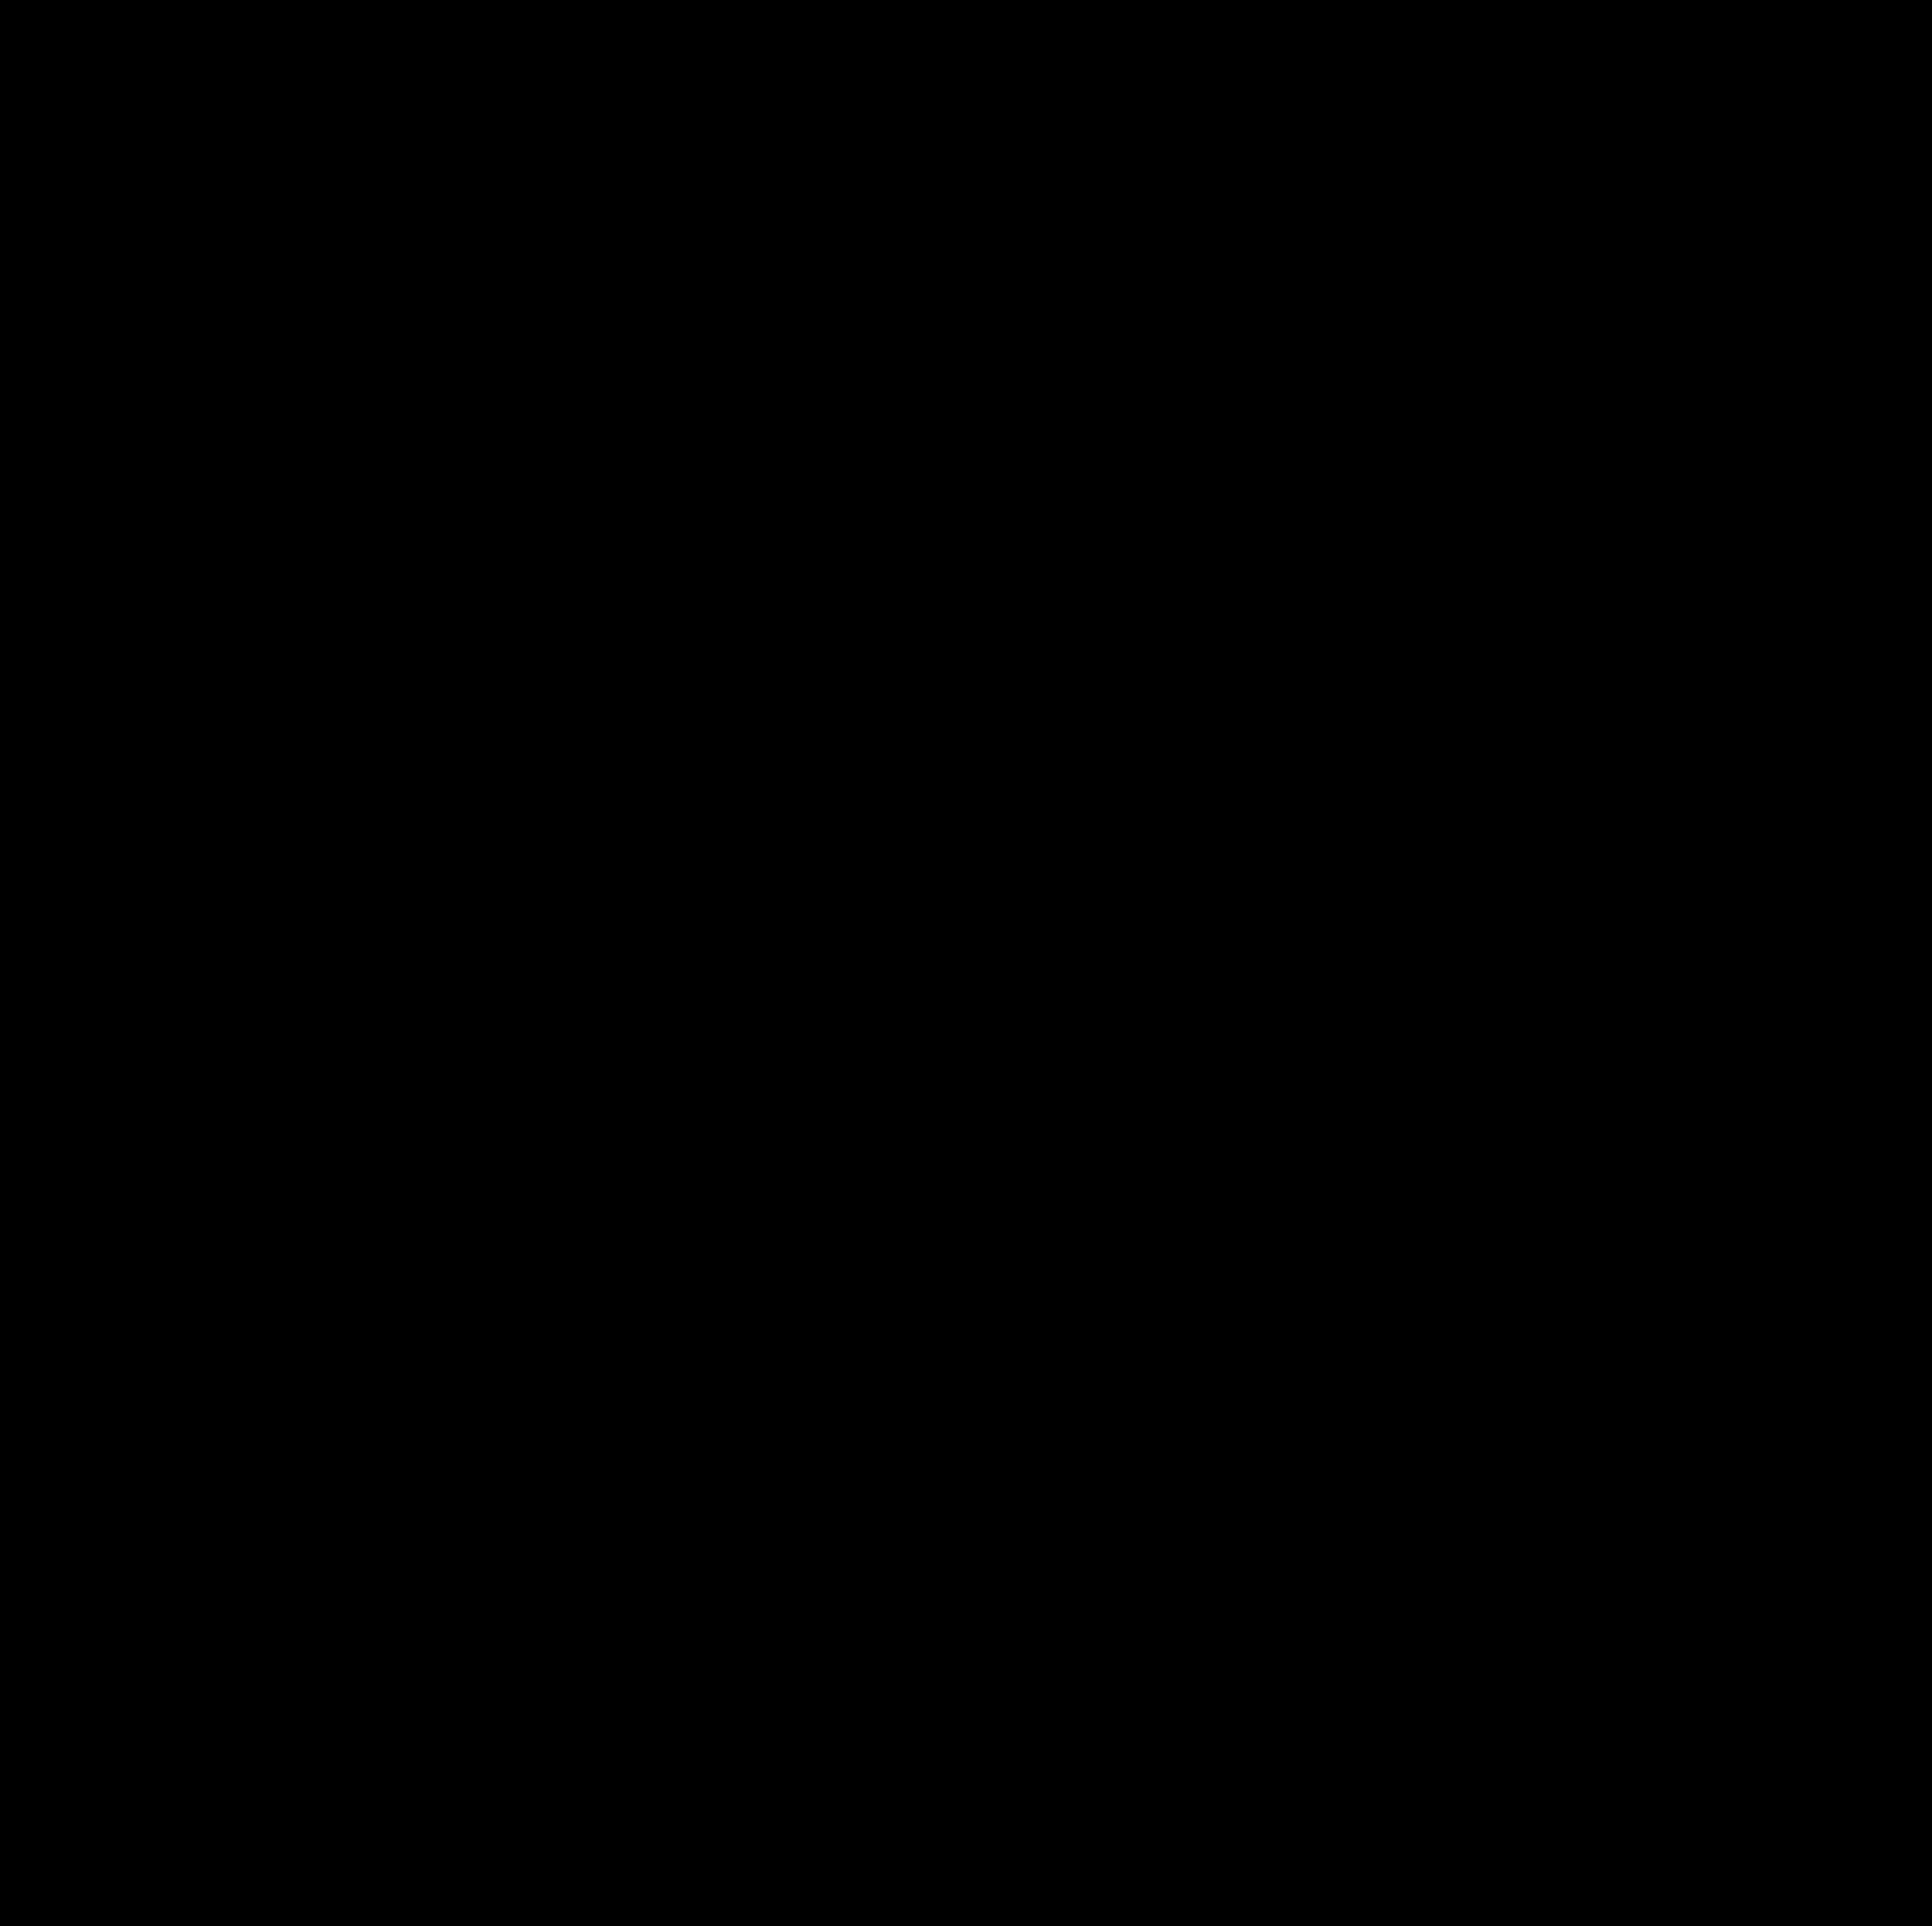 SS11_England  8 D